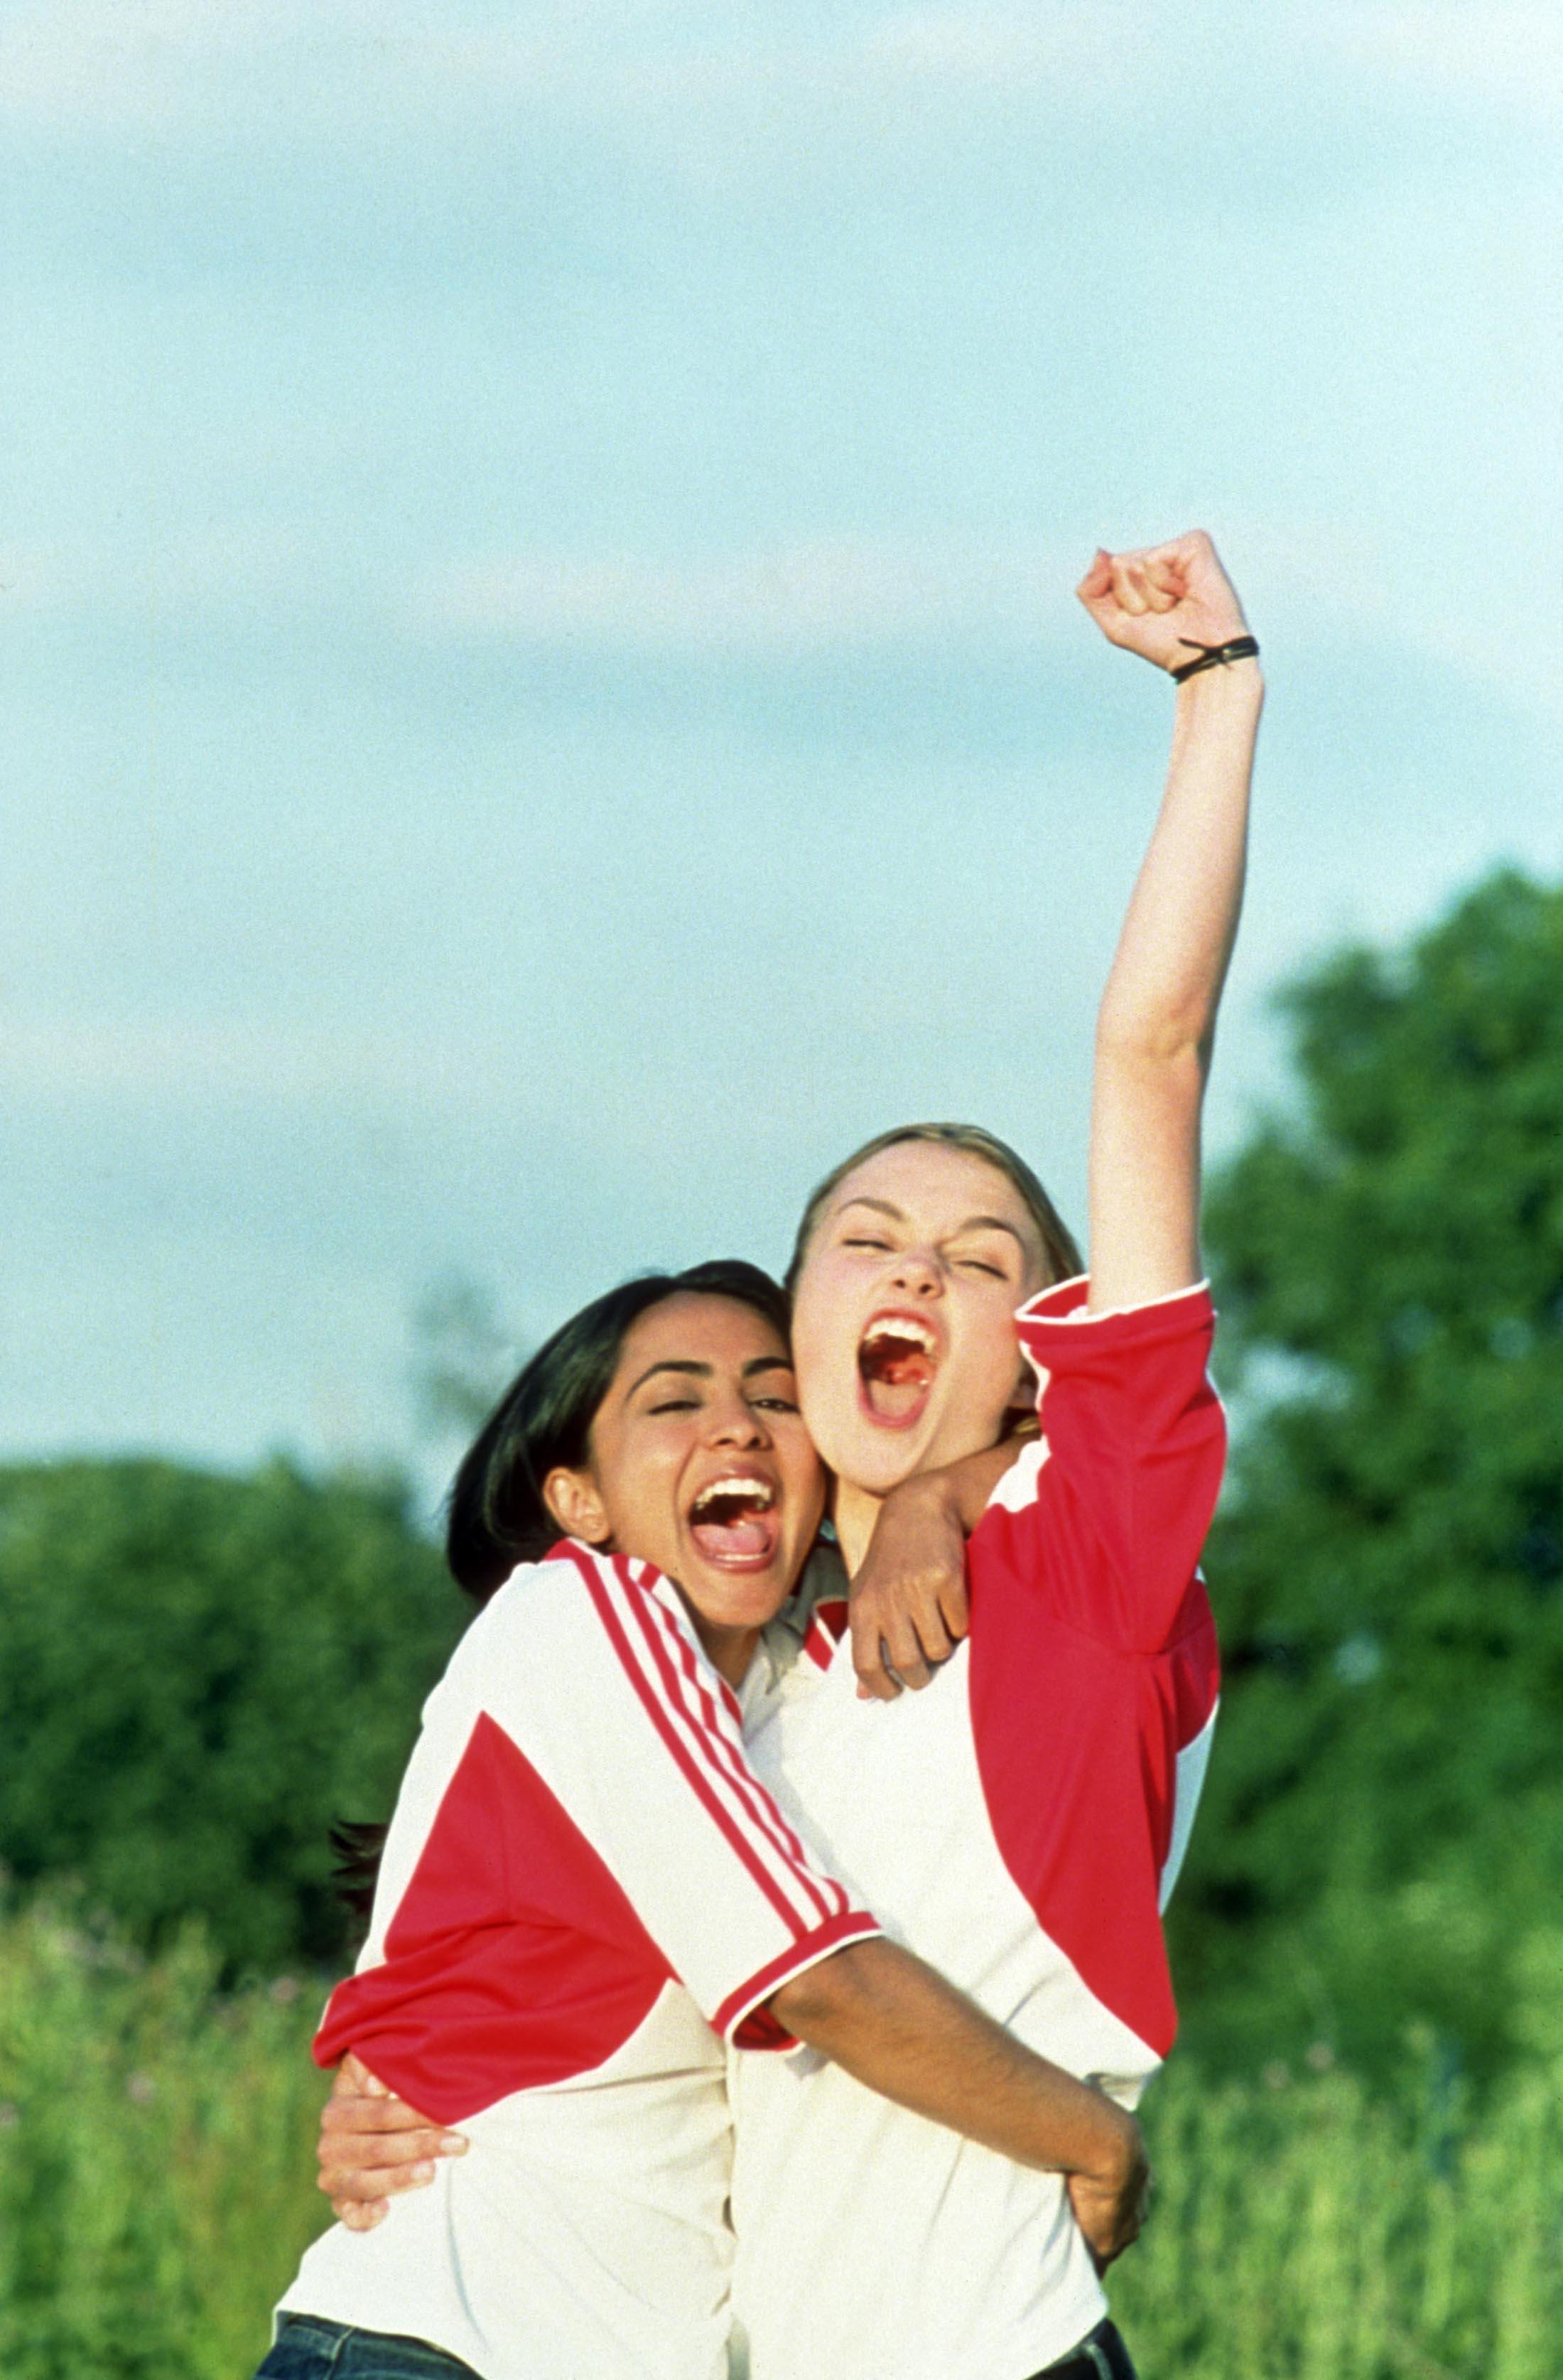 Parminder K. Nagra, Keira Knightley, Bend It Like Beckham